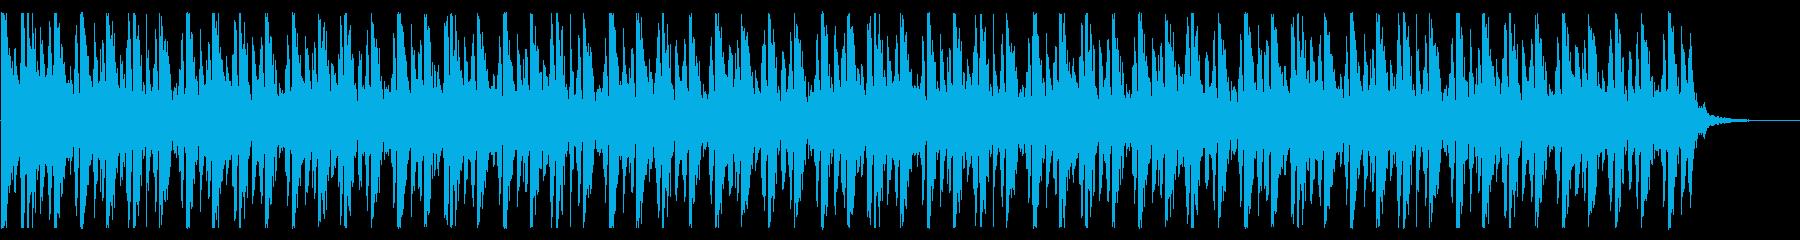 古代遺跡/ジャングル_No664_5の再生済みの波形